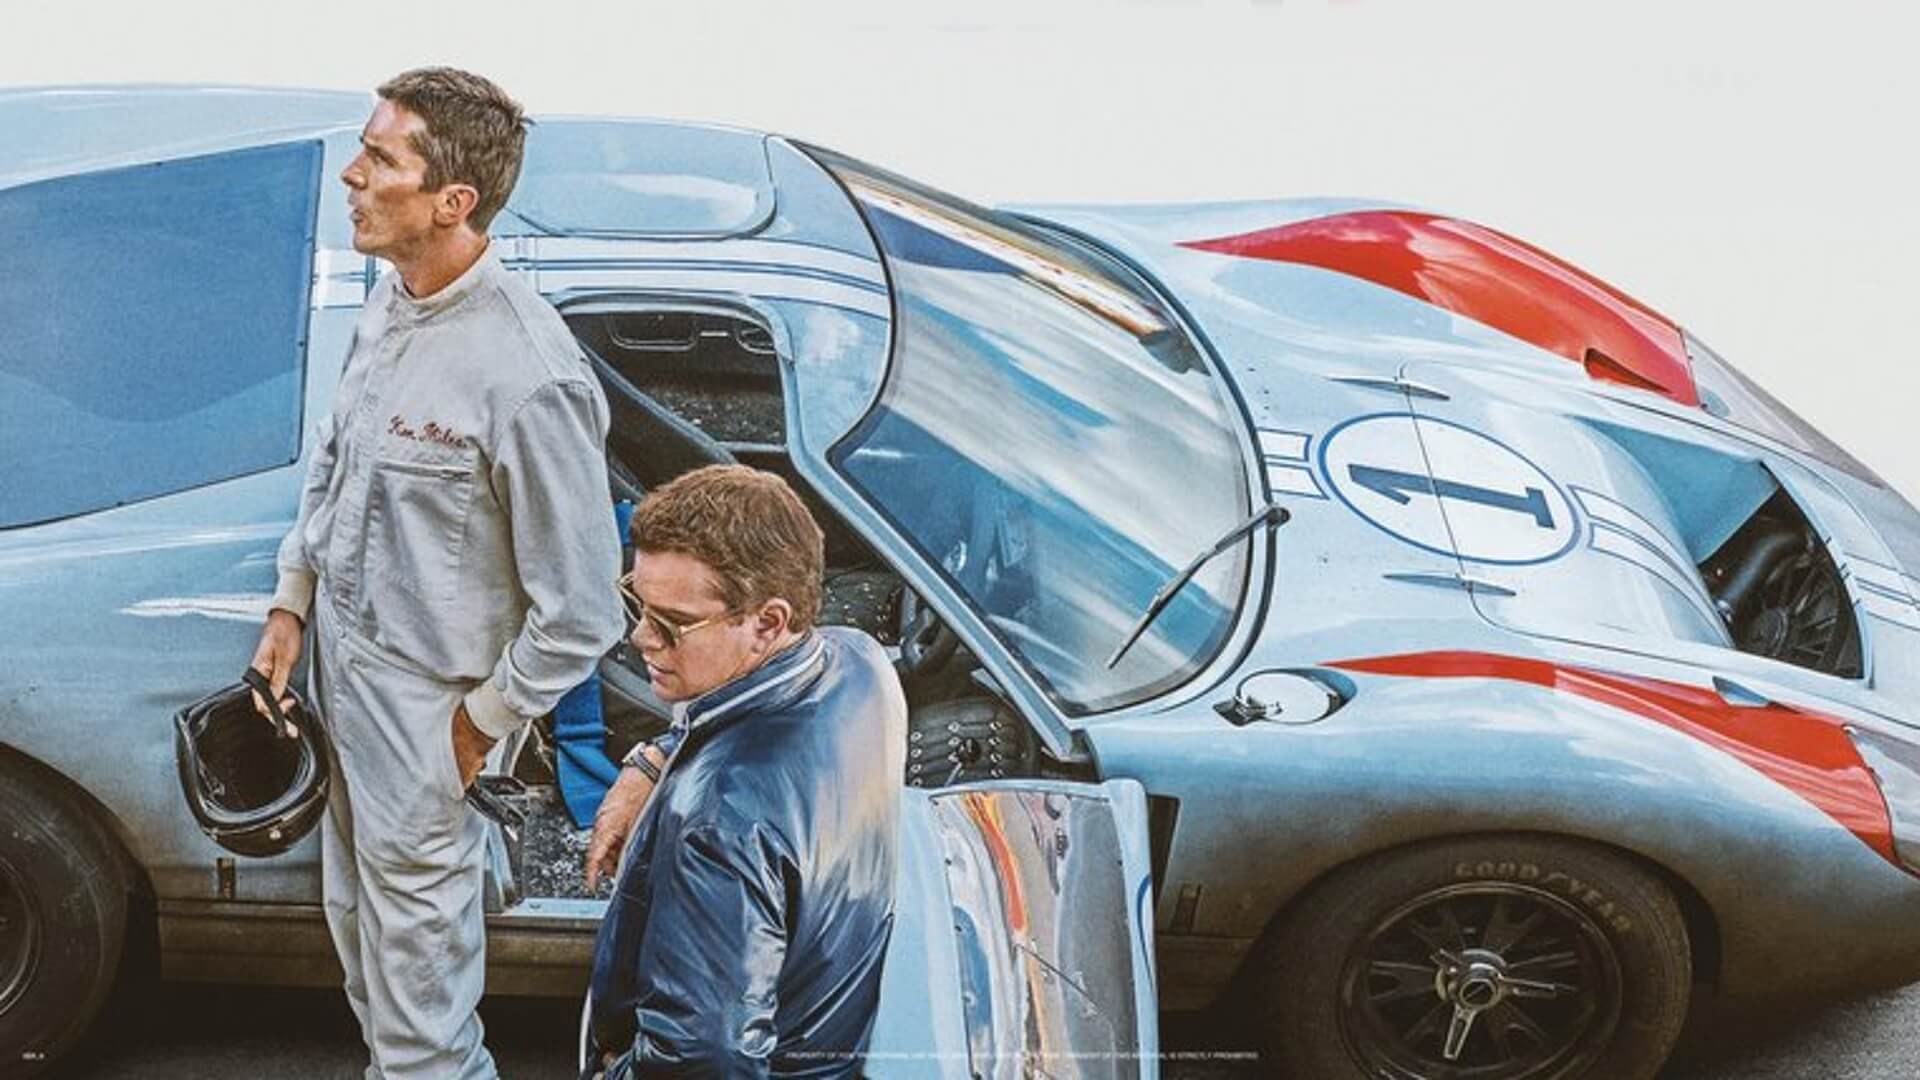 بررسی فیلم فورد در برابر فراری Ford v Ferrari - تماشای چالشهای حرفهای و شخصیتی